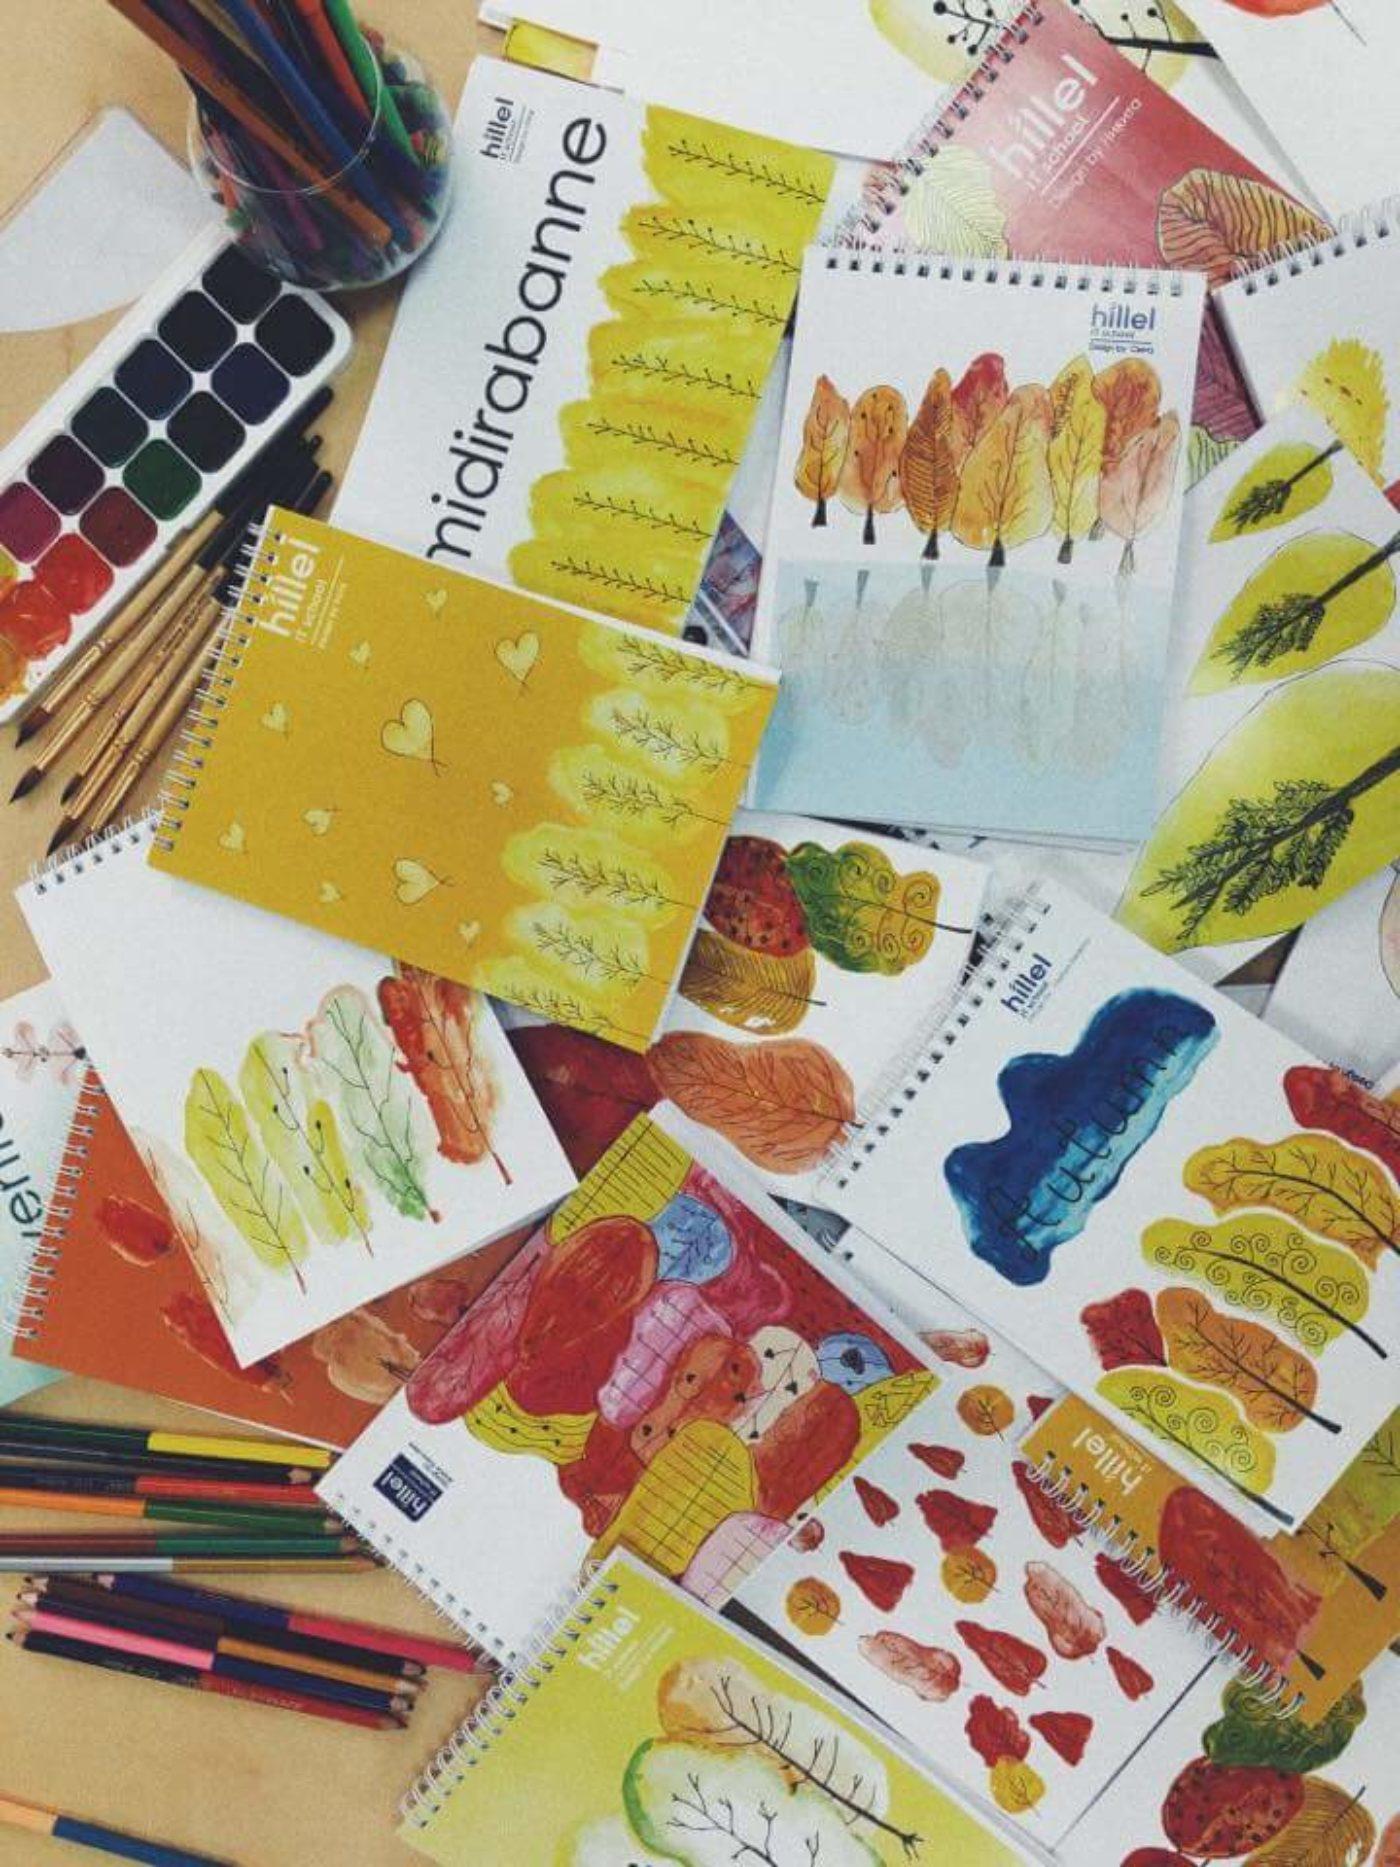 Мероприятия: Открытый урок «Как с помощью Photoshop/Illustrator создать дизайн собственного альбома» в Харькове